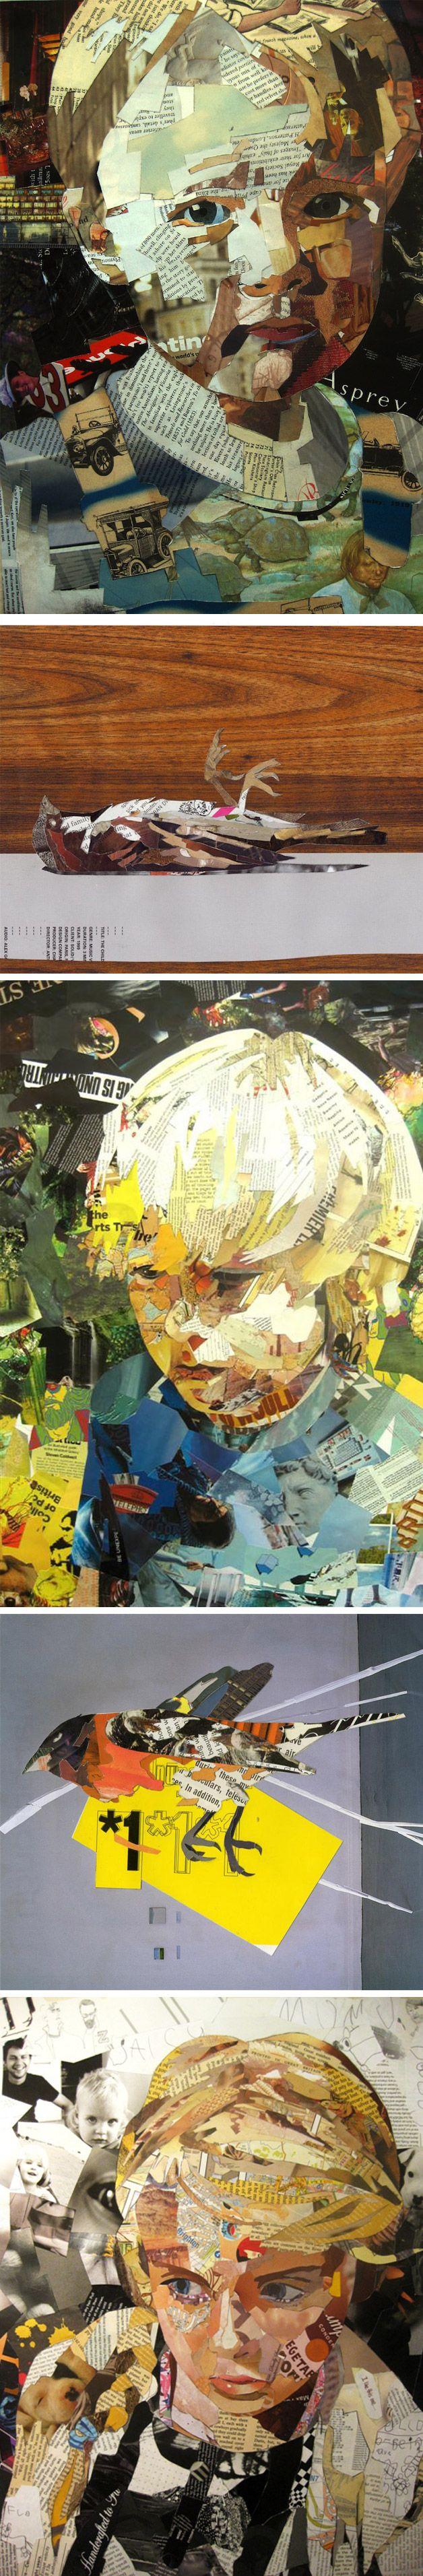 O artista Patrick Bremer recorta tiras de papel de livros, revistas e jornais para criar ilustrações sensacionais com colagem.